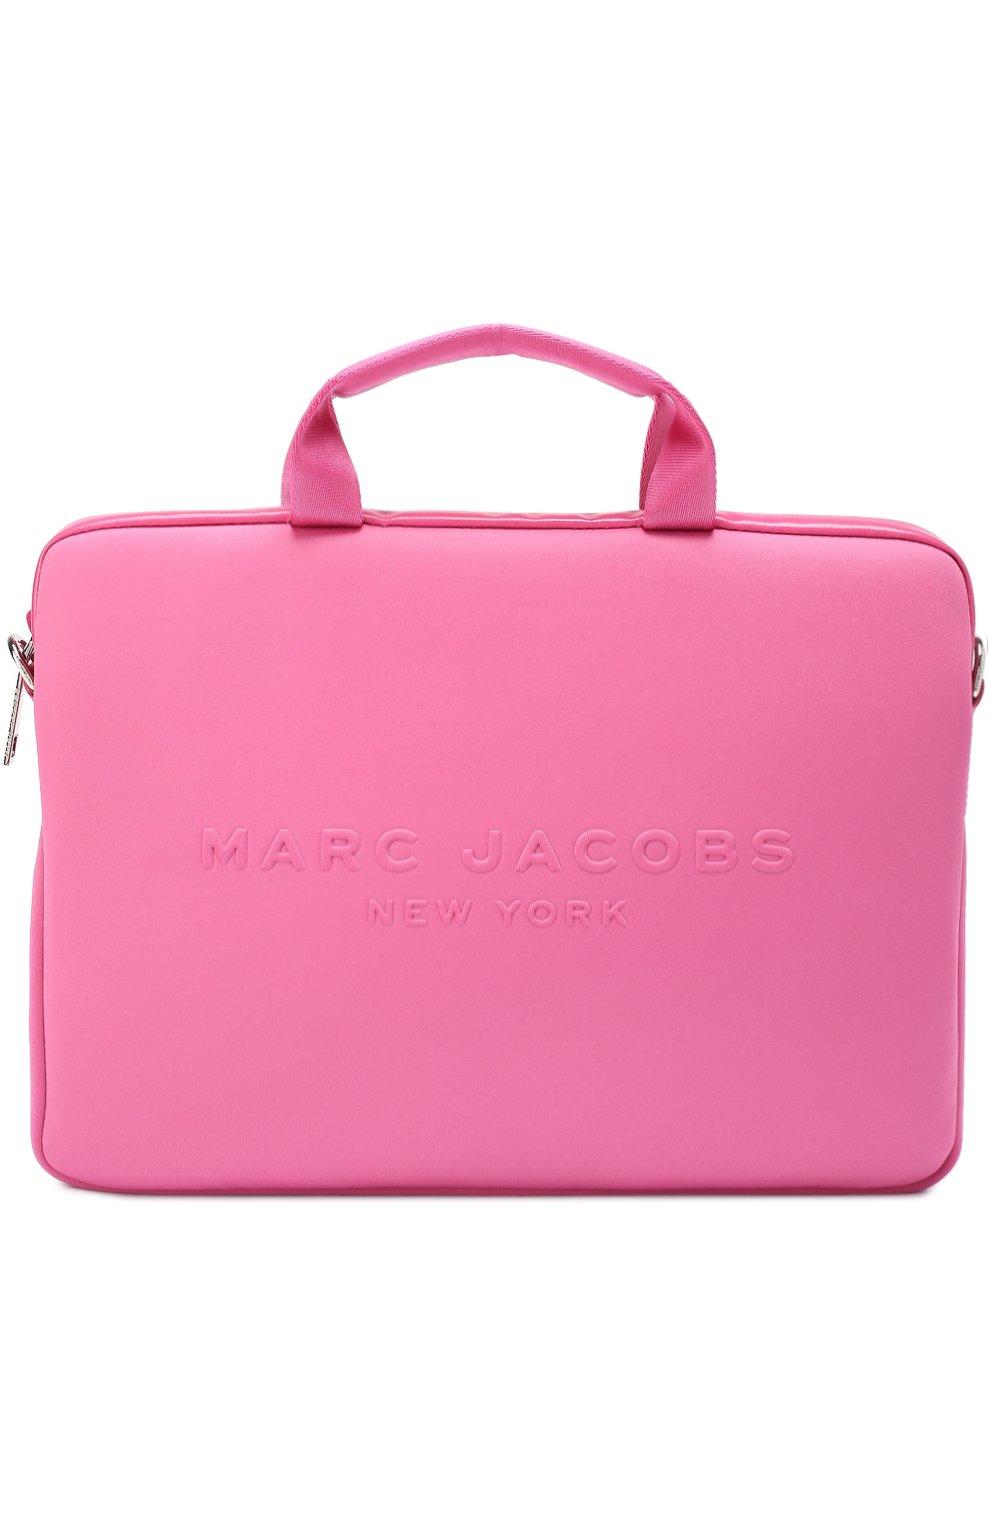 33a205735024 Фото Мужская фуксия сумка для ноутбука с логотипом бренда MARC JACOBS ...